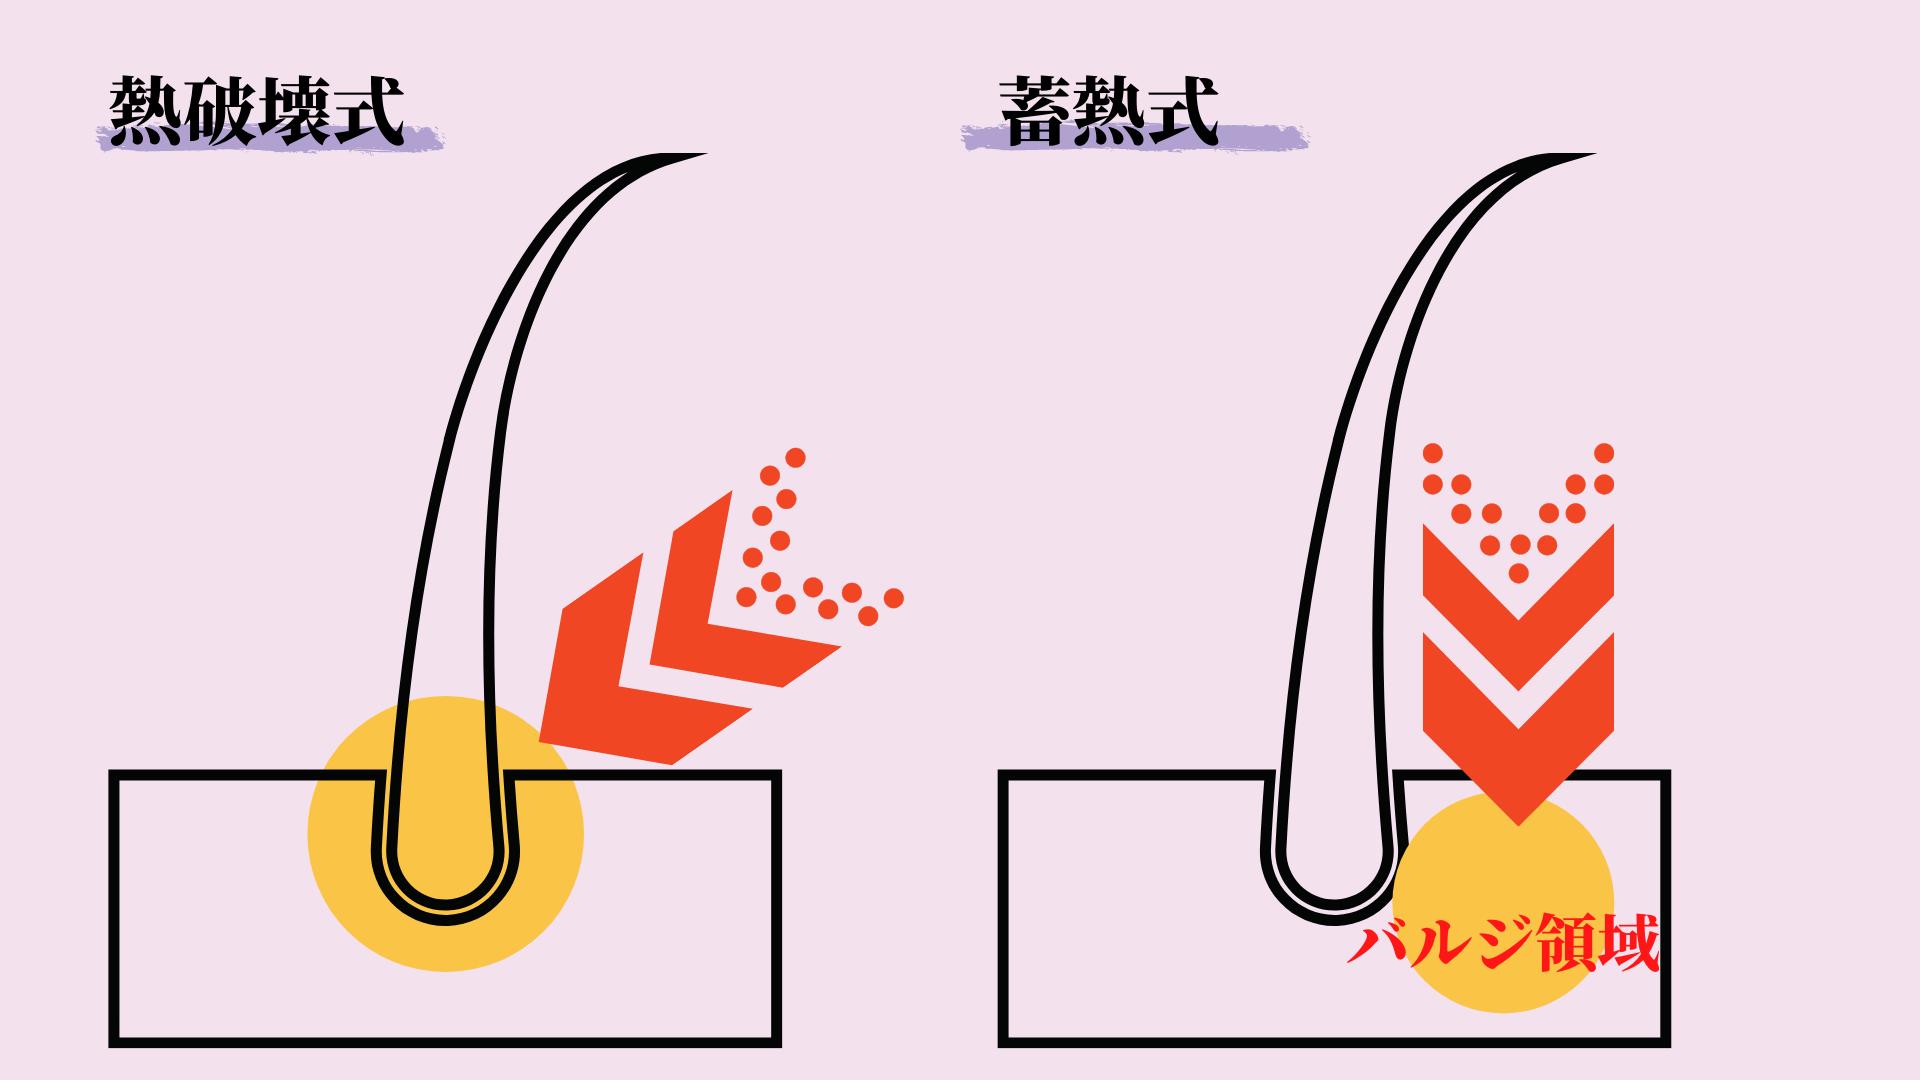 熱破壊式と蓄熱式の説明